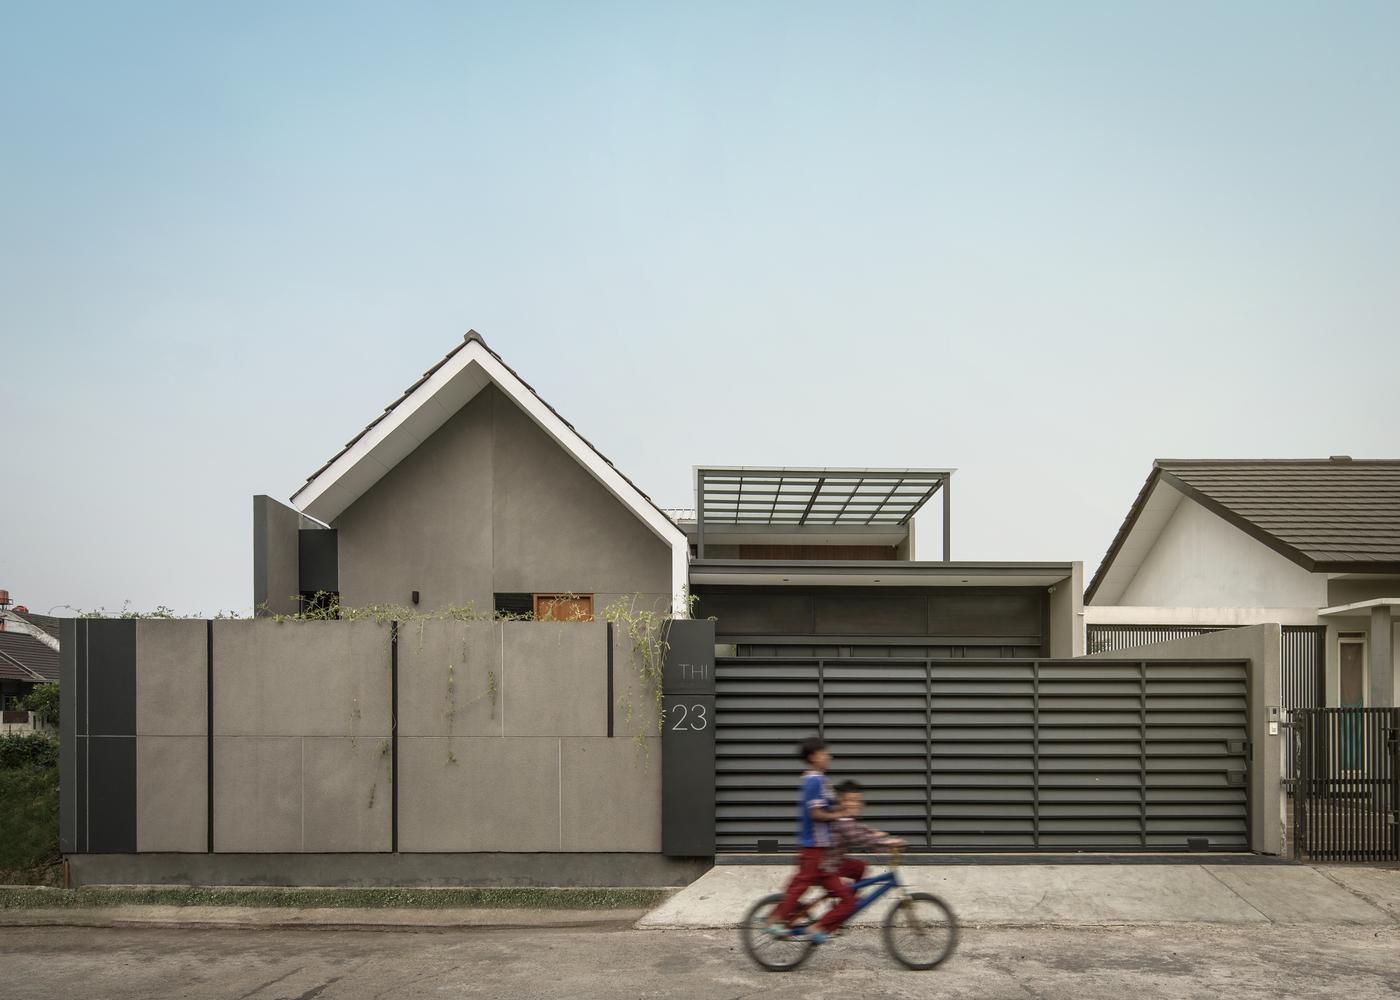 Arsitektur Rumah Industrial Minimalis ala RuangRona yang Tampil Chic dan Elegan | Foto artikel Arsitag